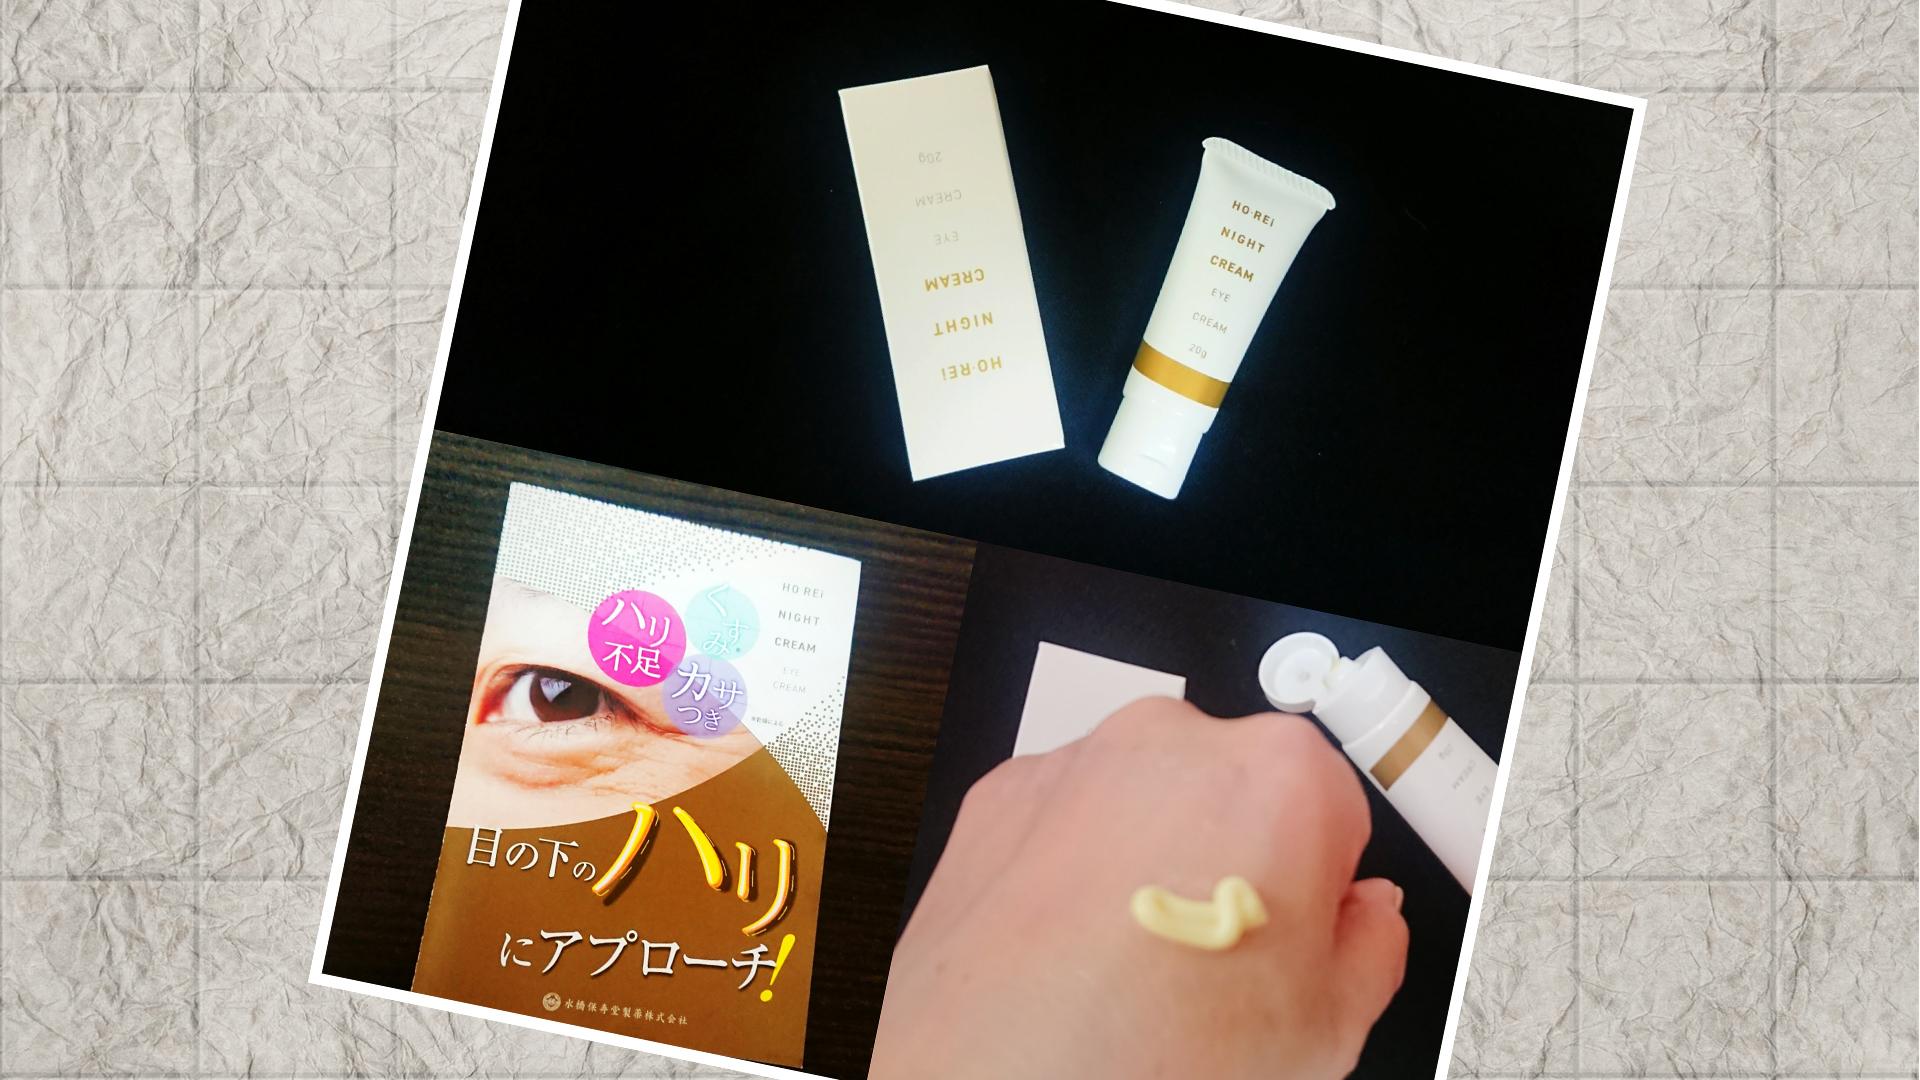 水橋保寿堂製薬/ホーレイナイトアイクリーム